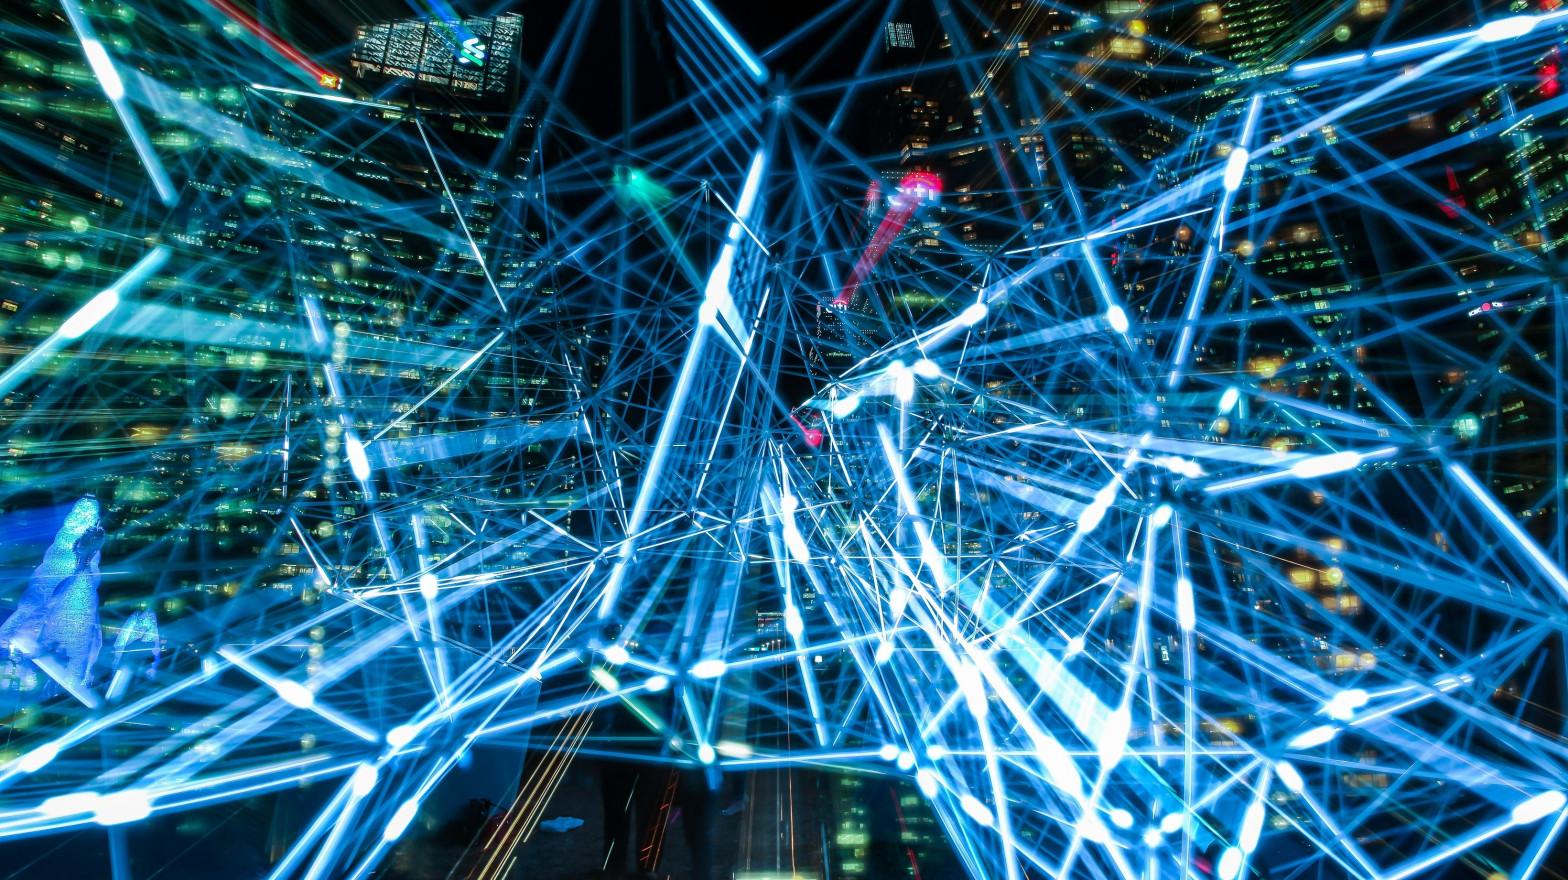 España es el vigesimoprimer país mejor preparado para las tecnologías del futuro